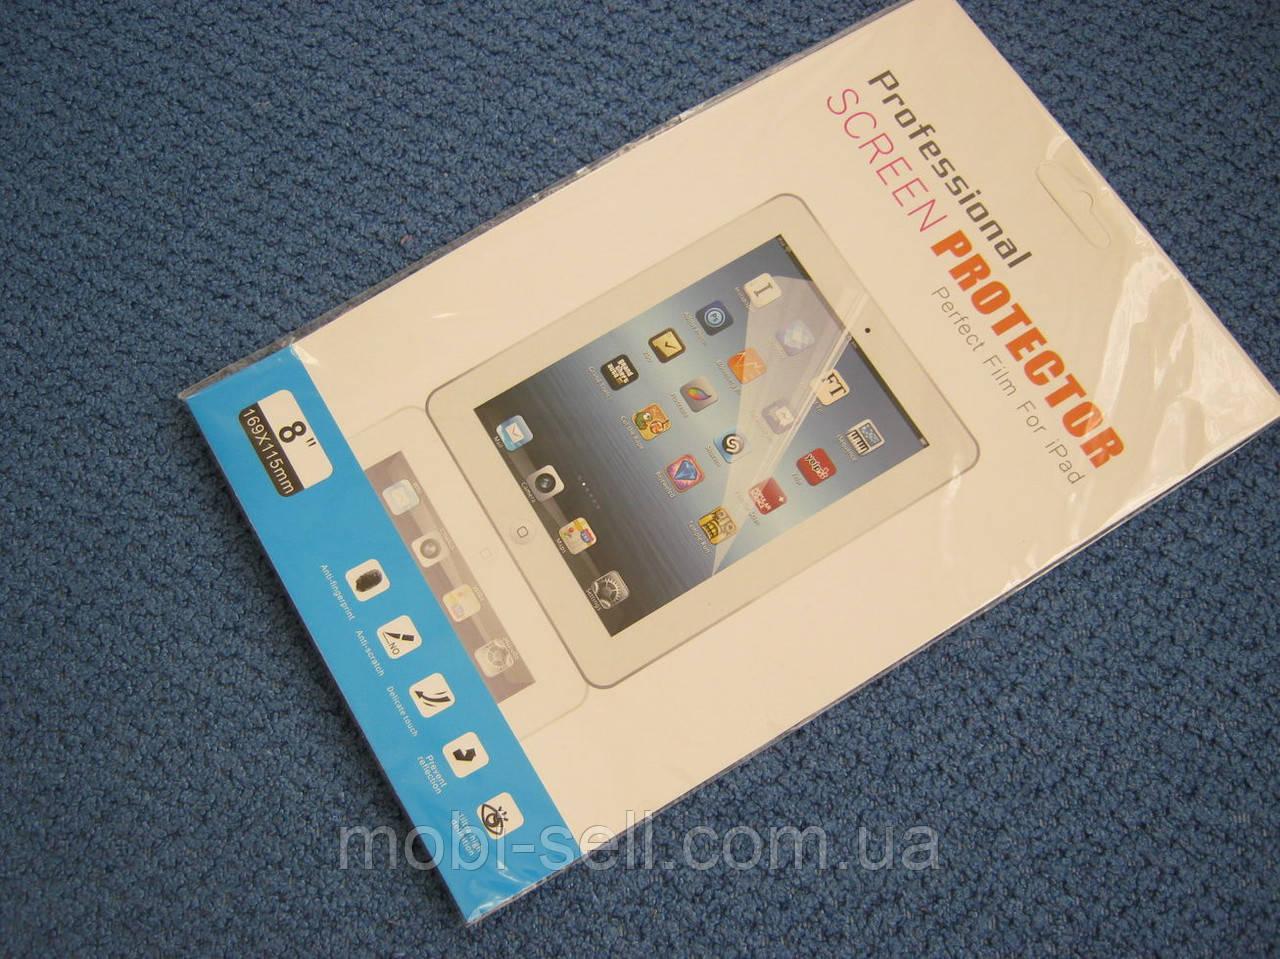 """Защитная пленка для Apple iPad 8"""""""" 169x115 mm"""